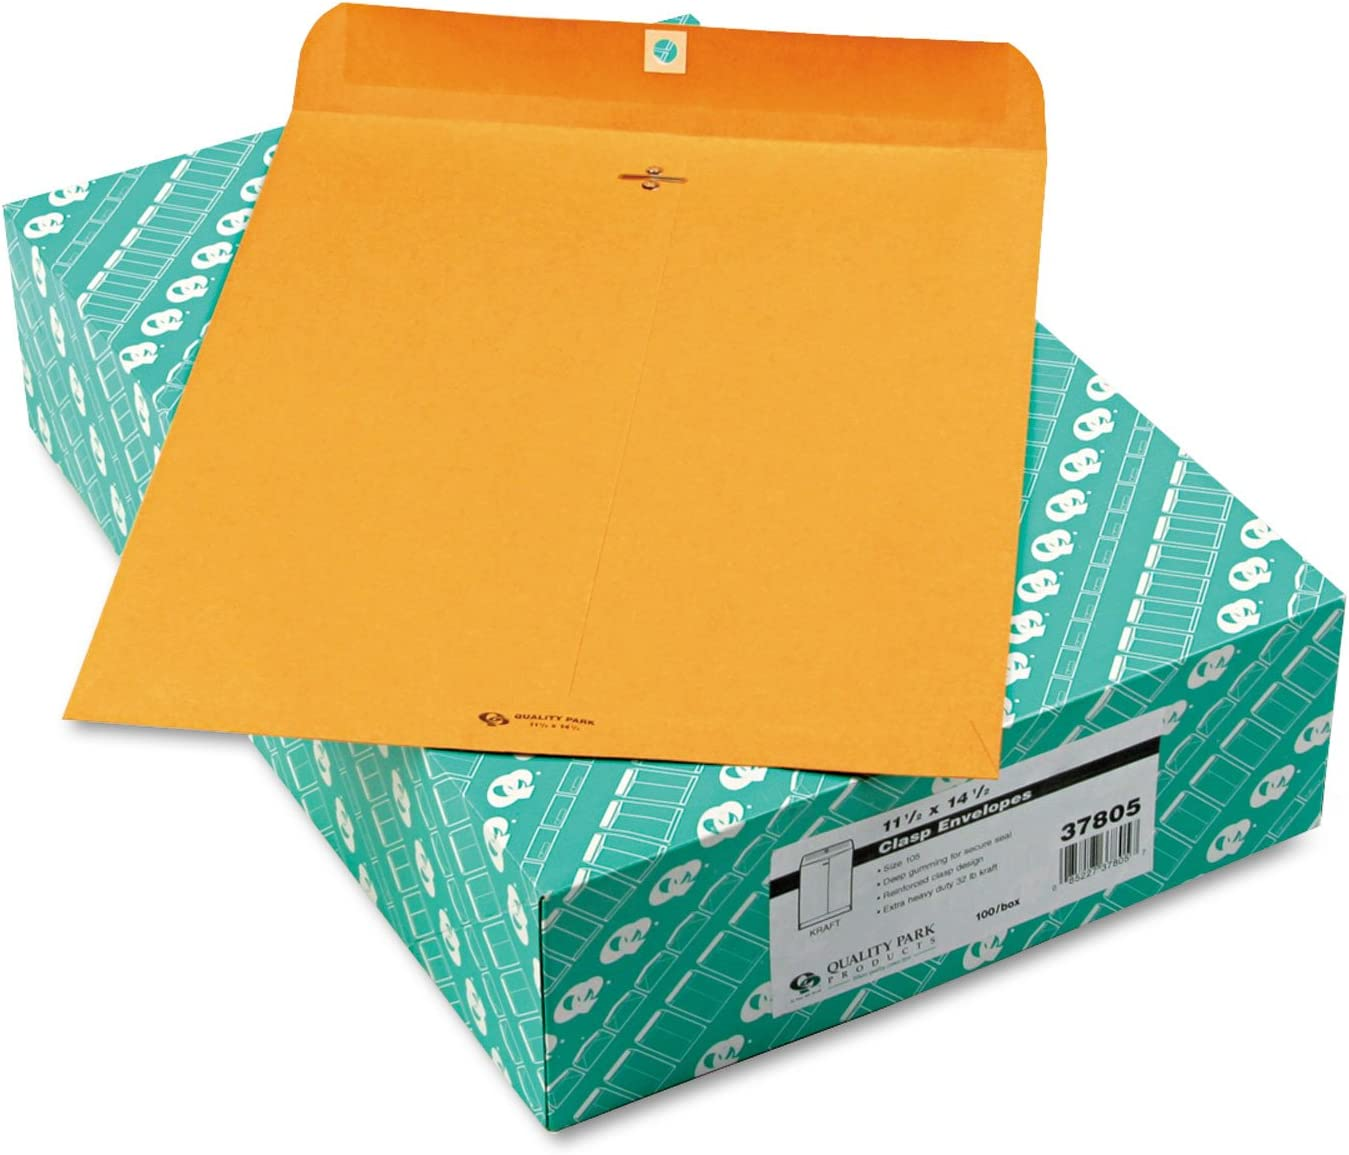 QUA37805 - Cheap Outlet SALE super special price Quality Clasp Park Envelope